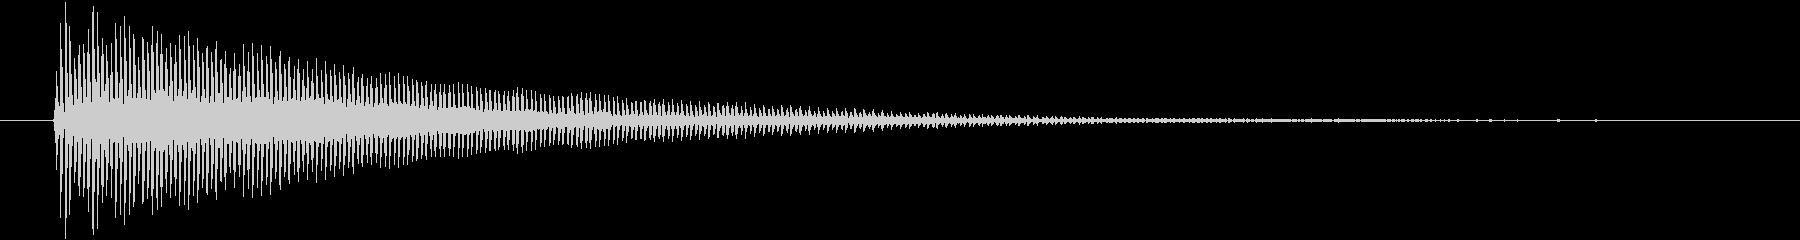 パーカッション 口ハープ17の未再生の波形